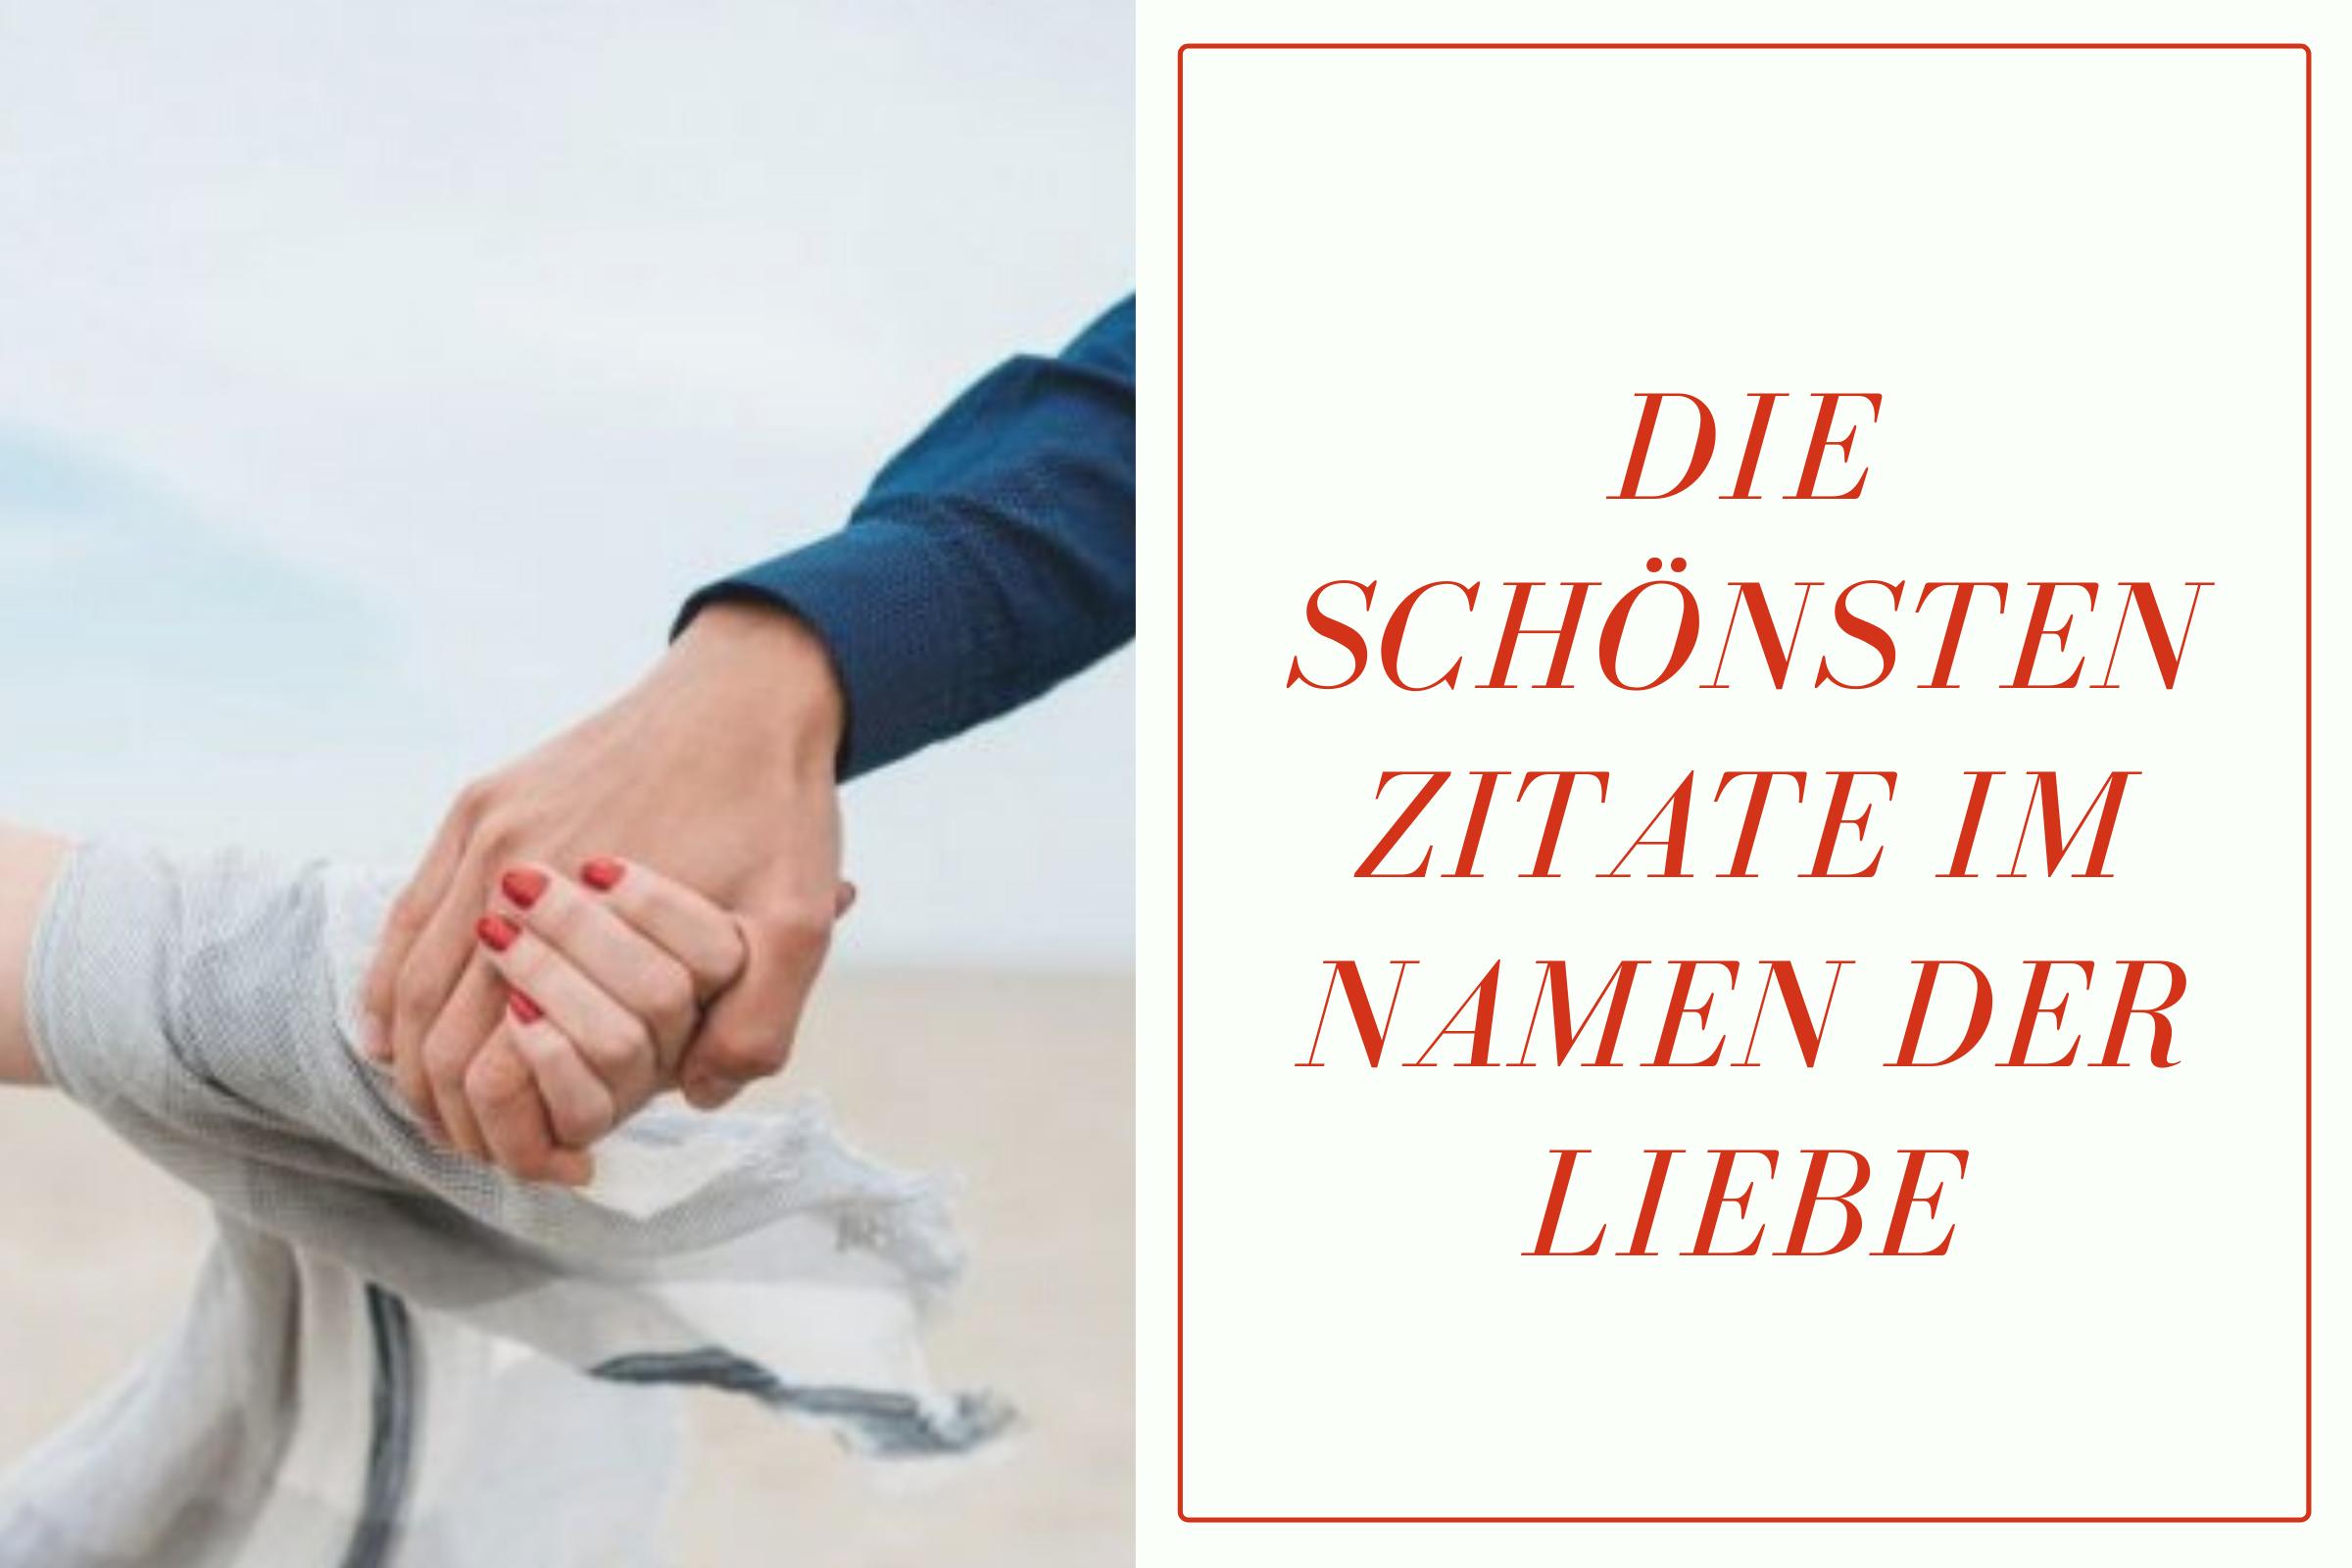 Zitate-Liebeszitate-Eheversprechen-Liebeserklärung-heiraten